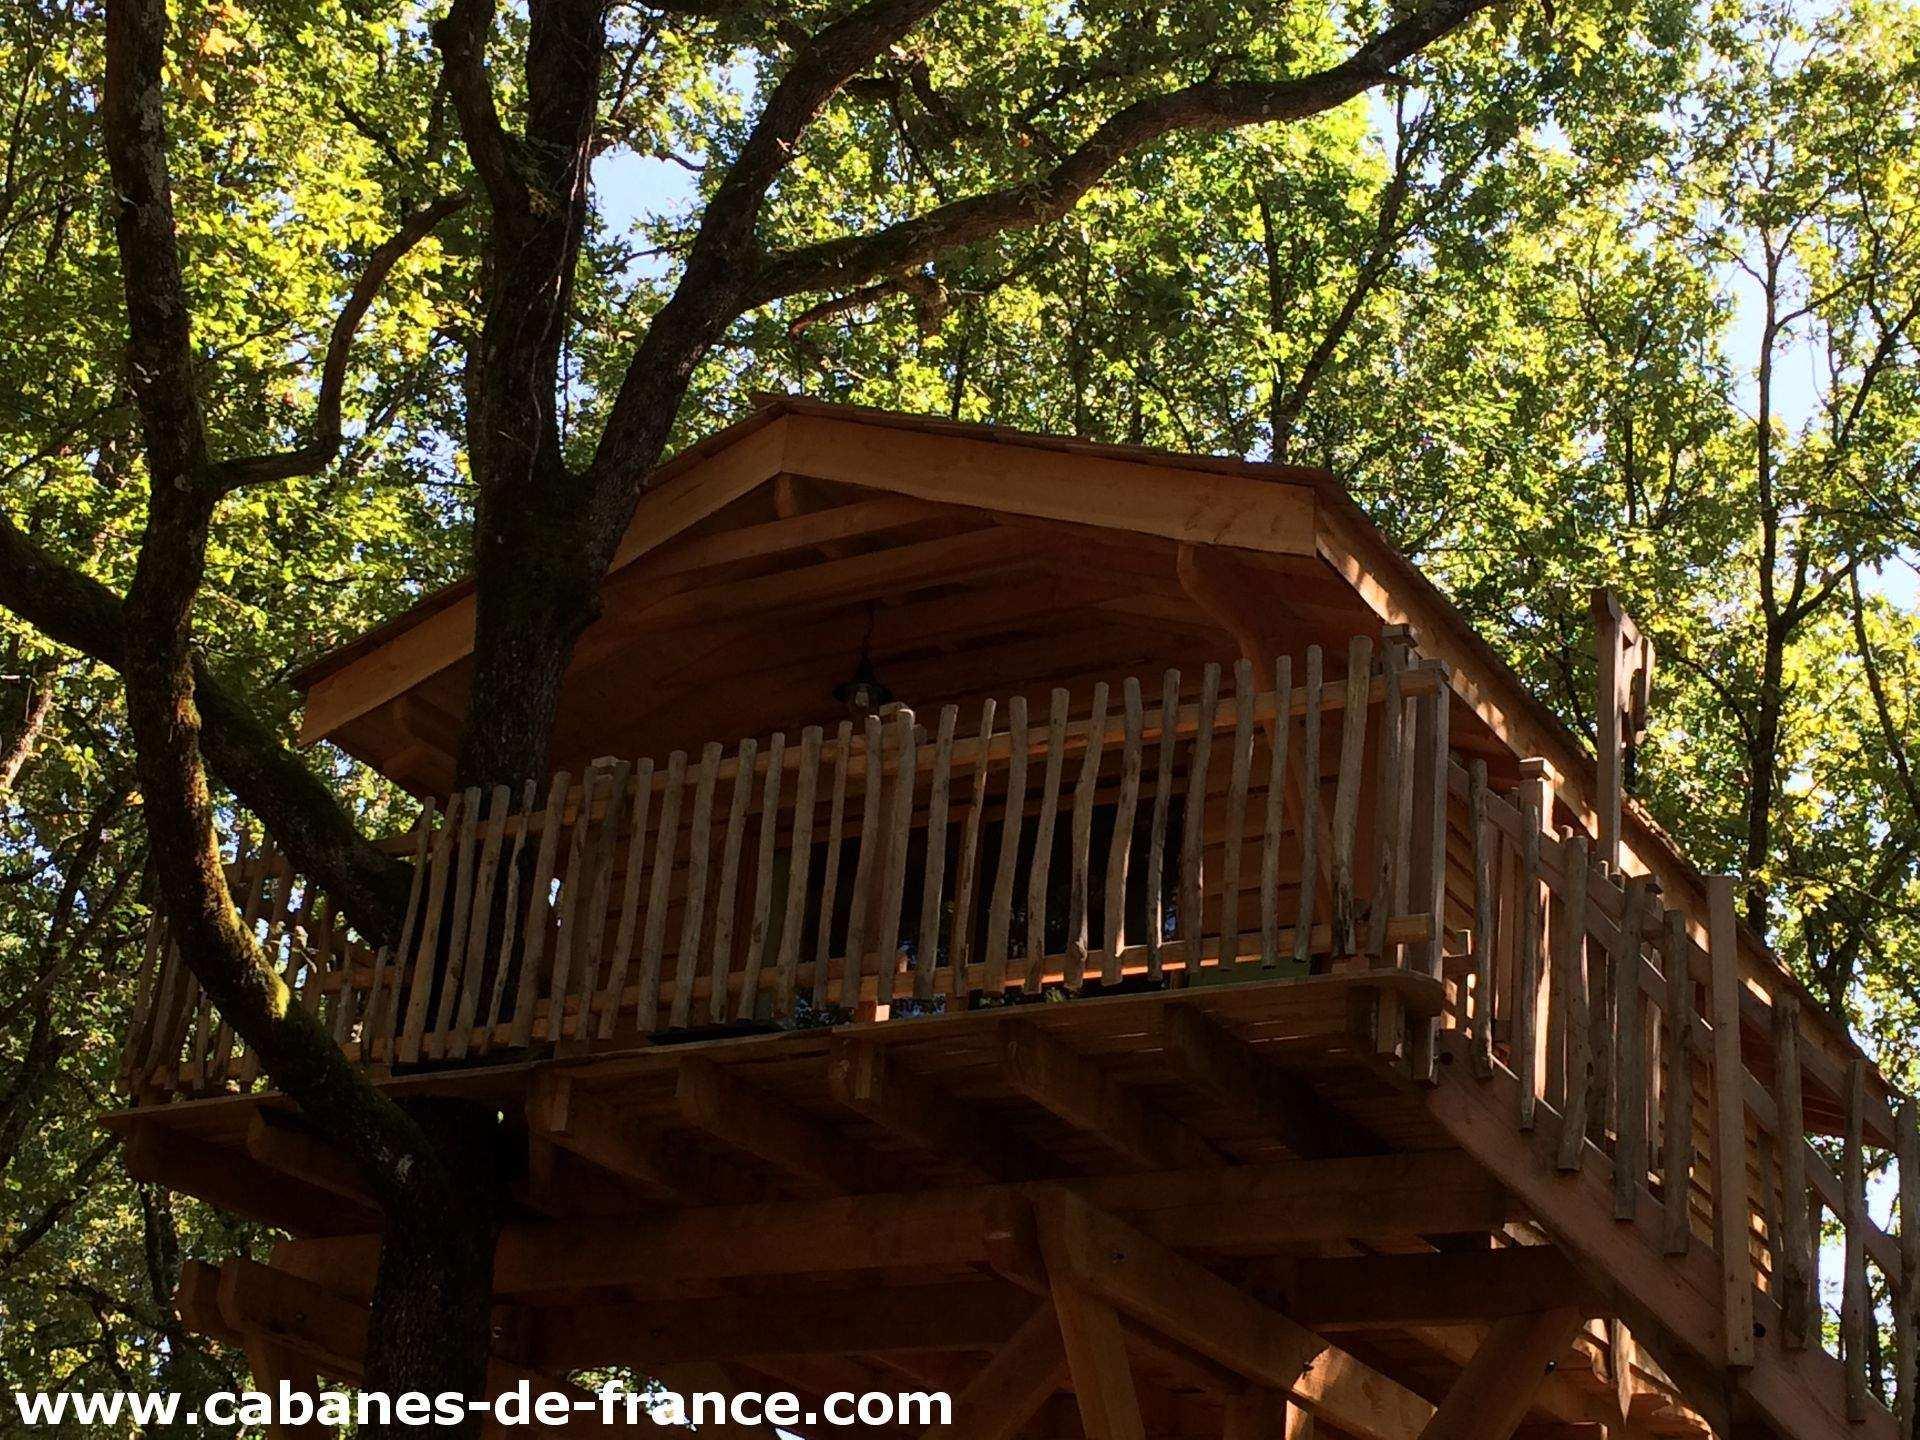 La Ferme de Sirguet - Cabanes de France